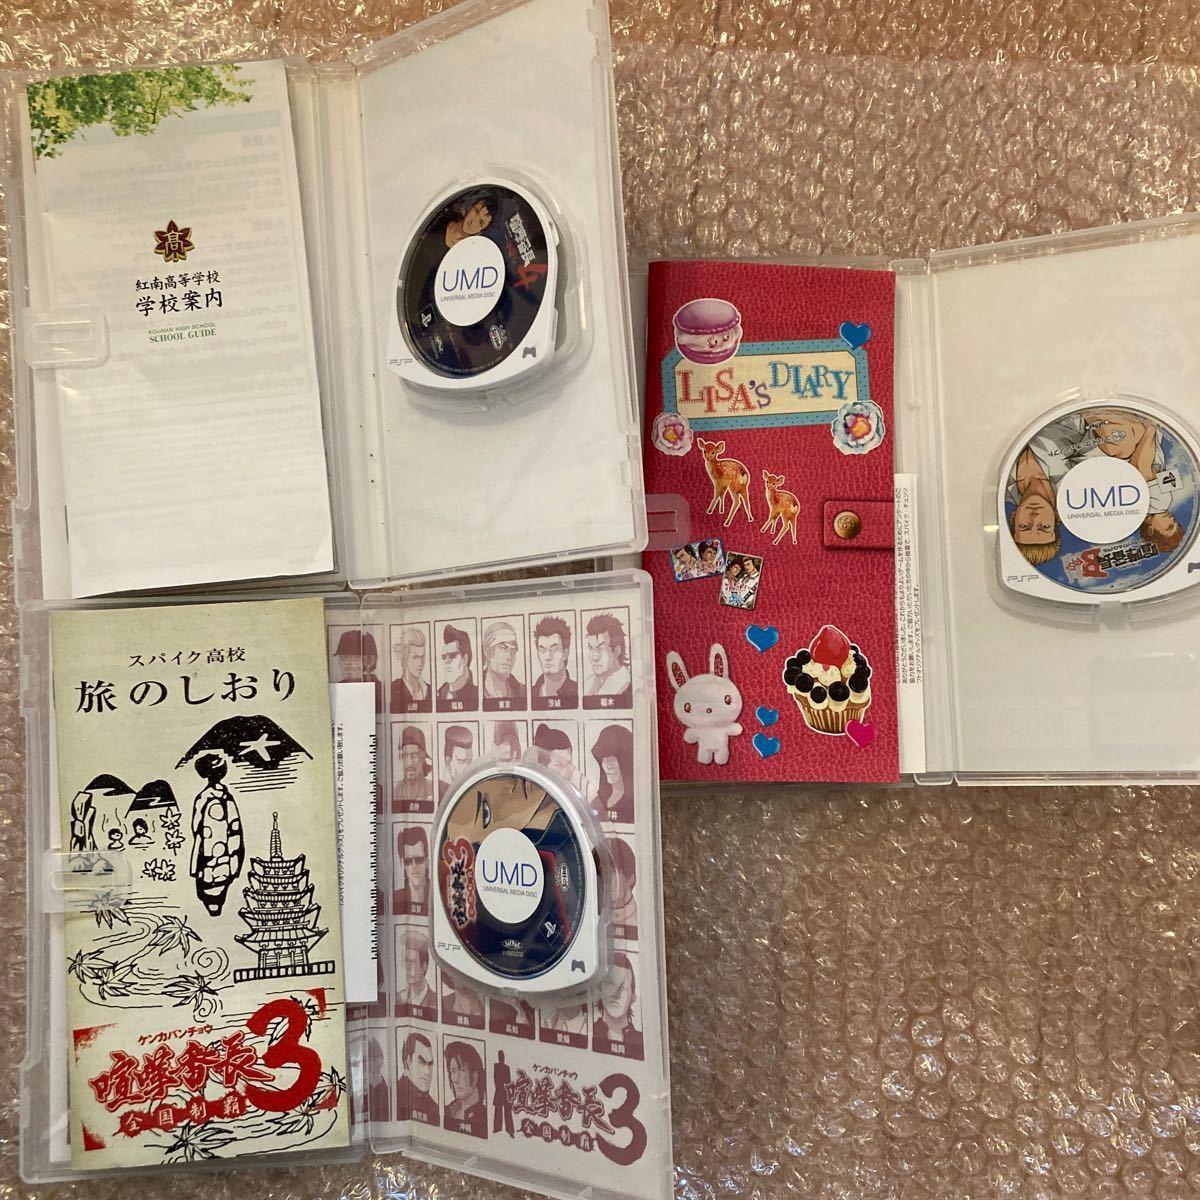 PSP ソフト★「喧嘩番長3」「喧嘩番長4」「喧嘩番長Bros」3本セット